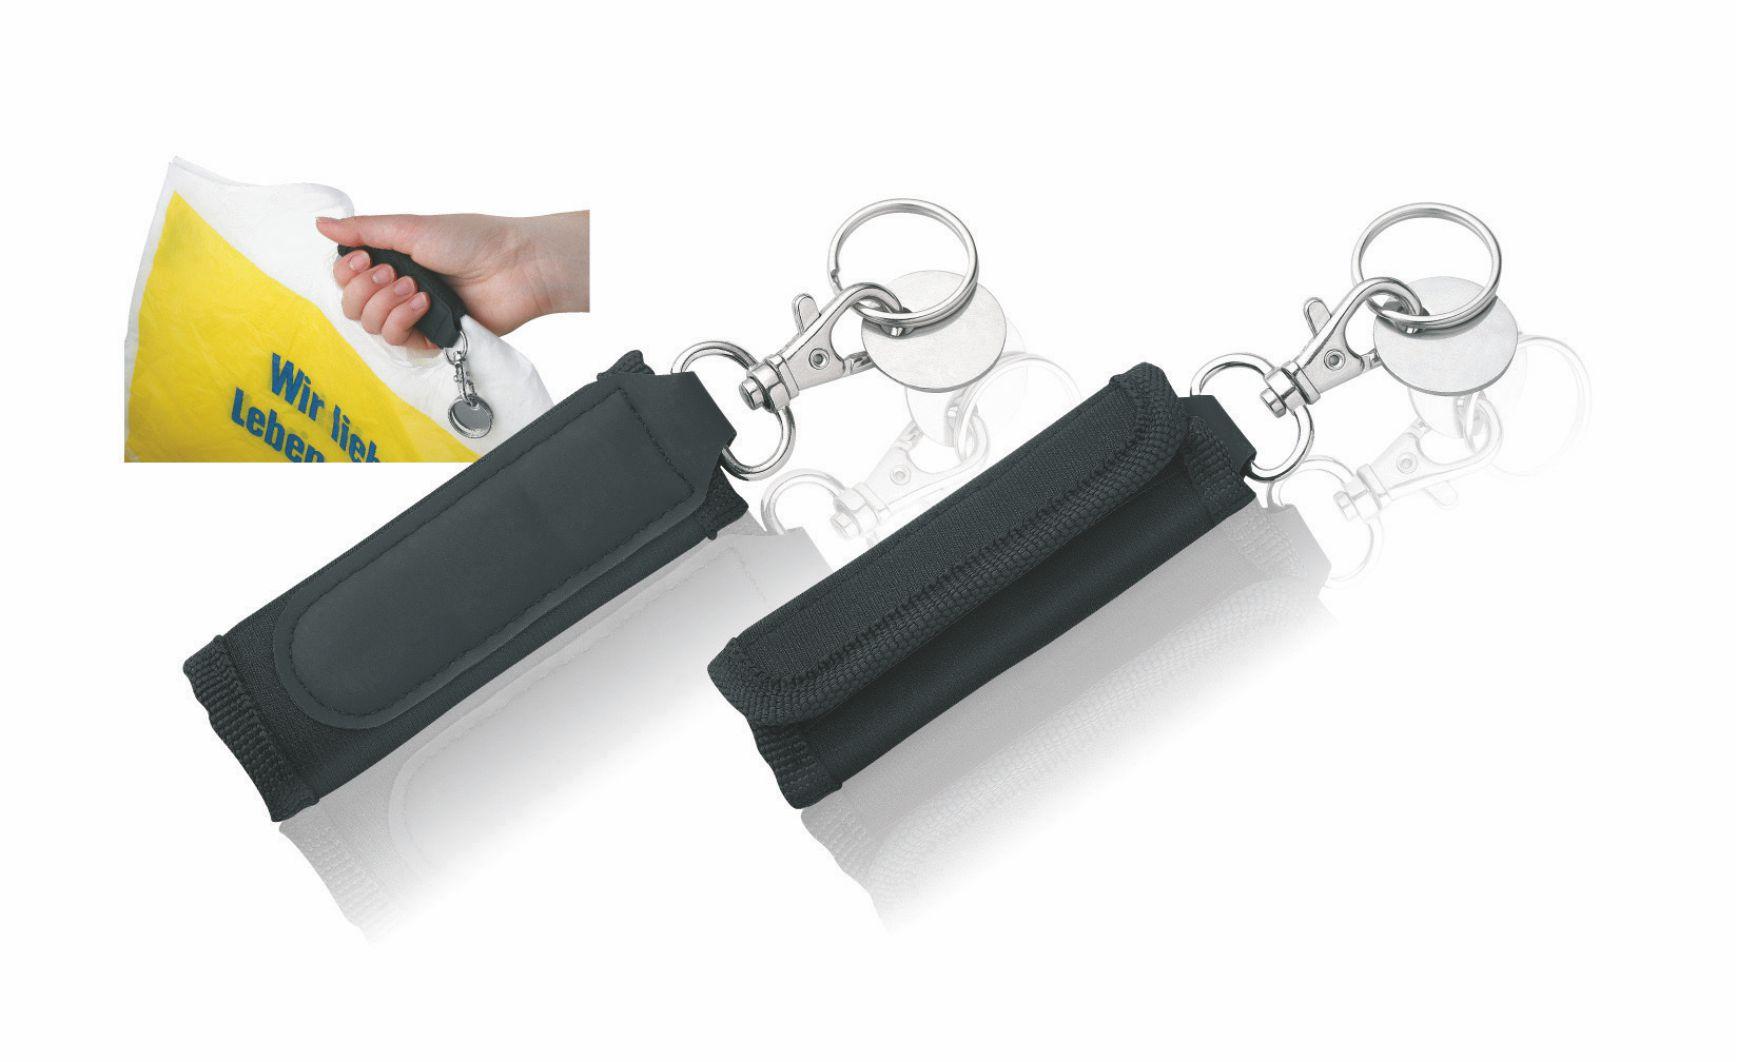 Schlüsselanhänger mit Tragehilfe und EK-wagenchip